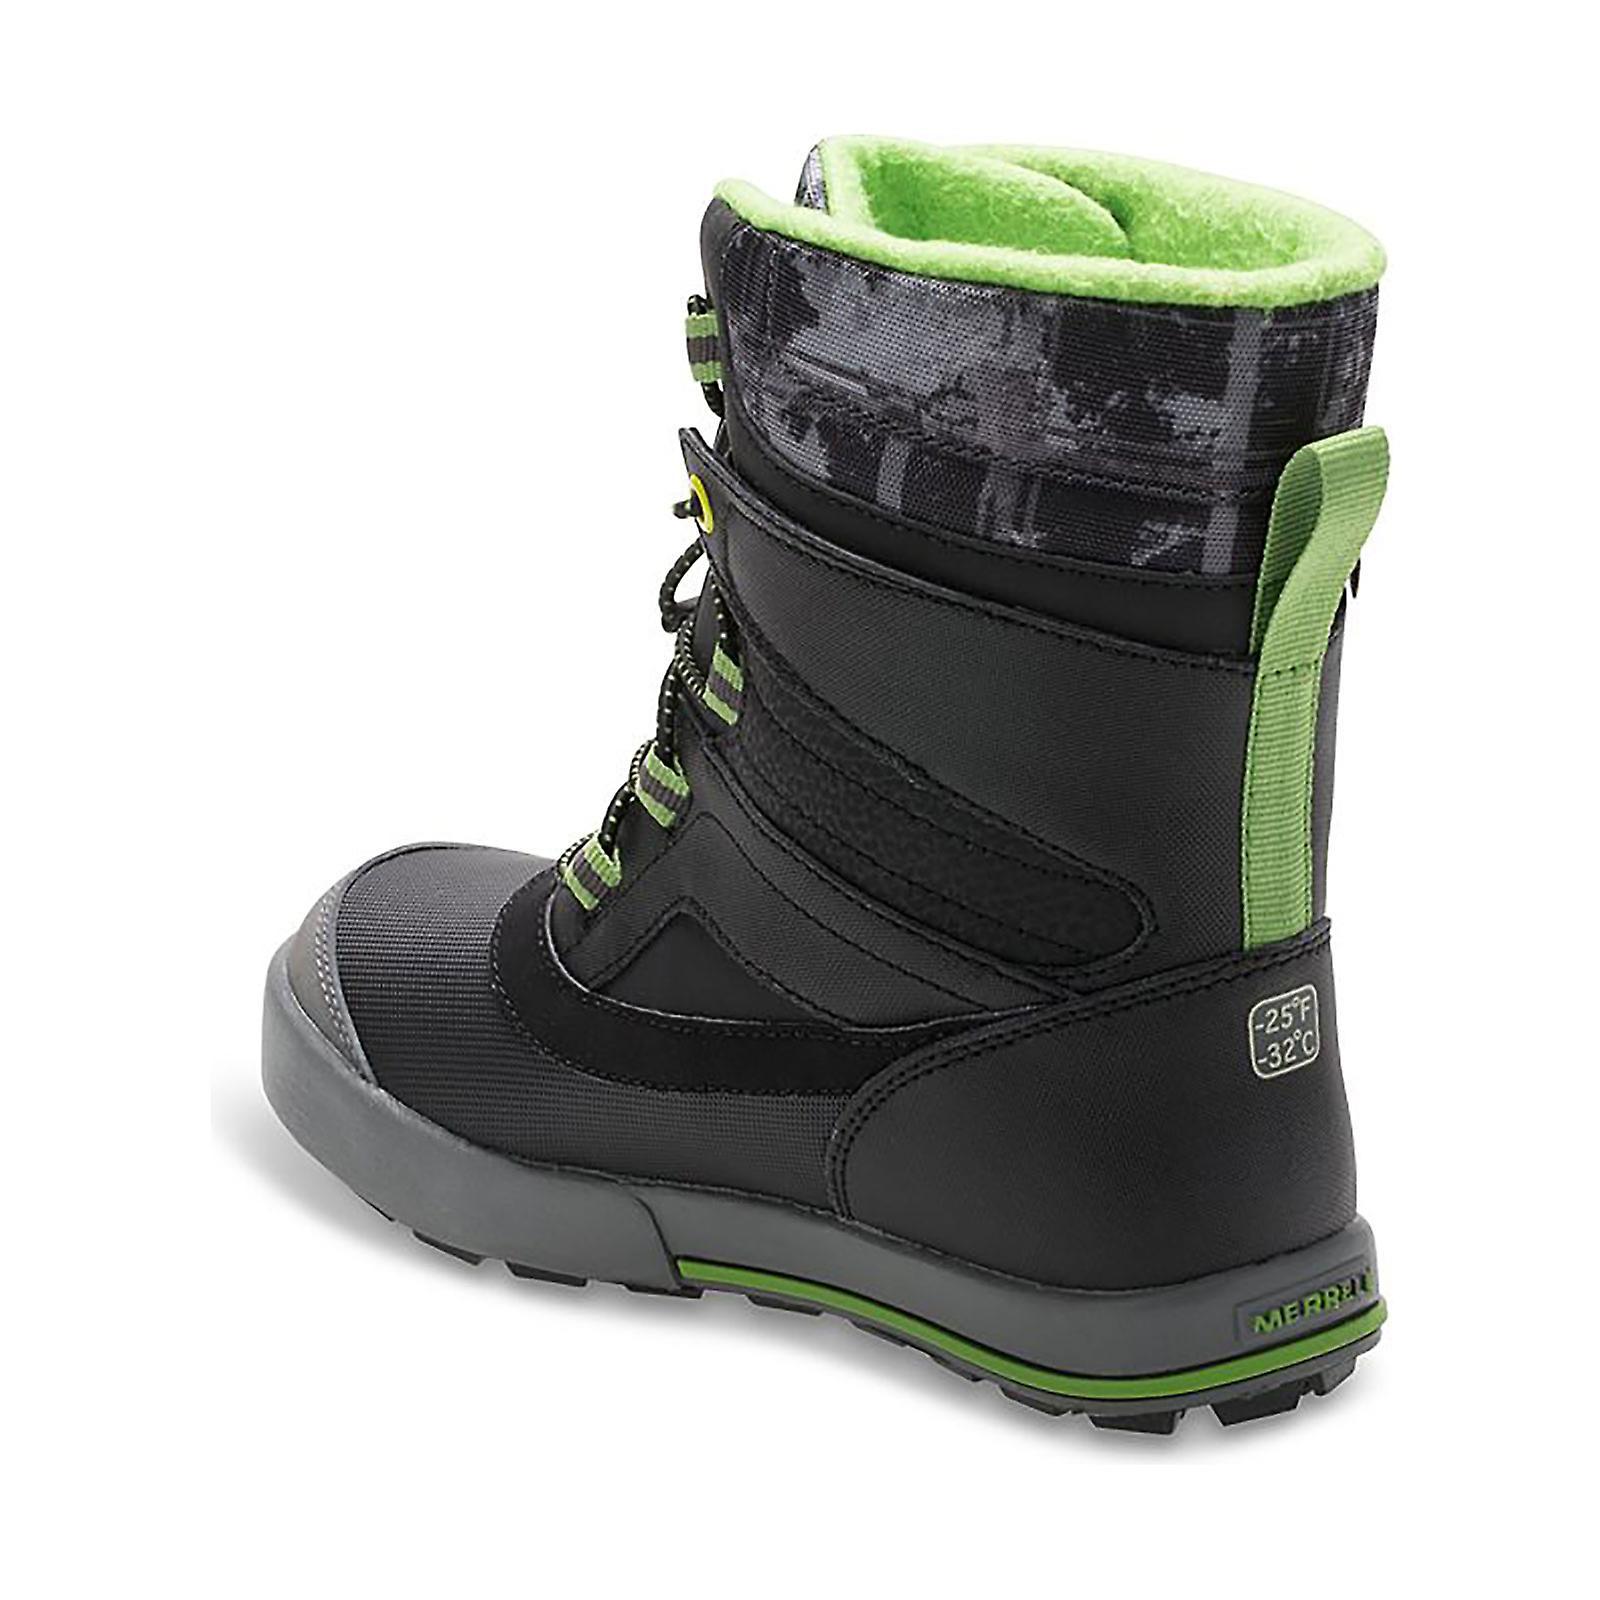 cd43cf0d25 Merrell Kids Snow Bank 2.0 Boot